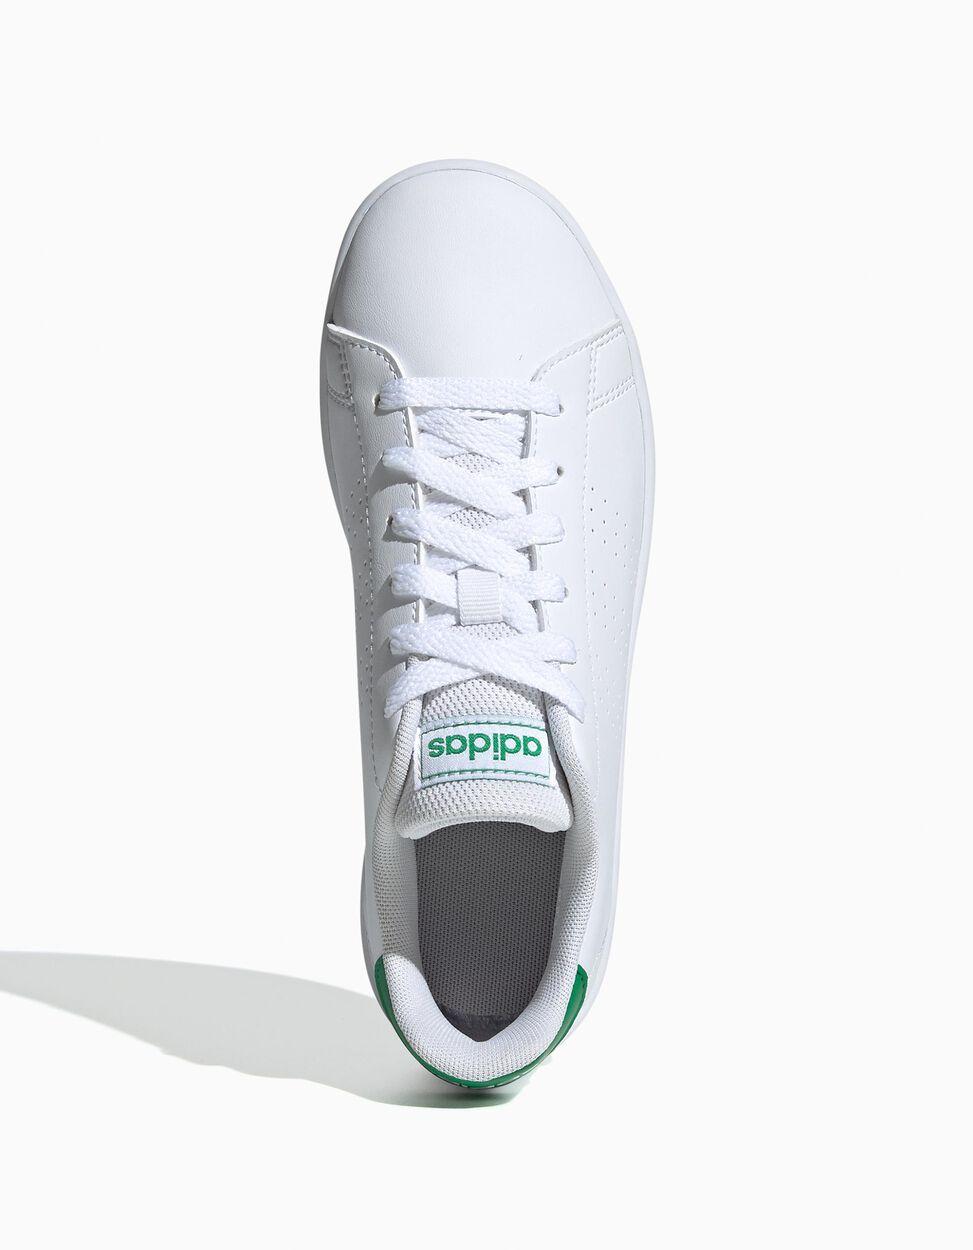 Sapatilha Adidas Advantage com listas perfuradas